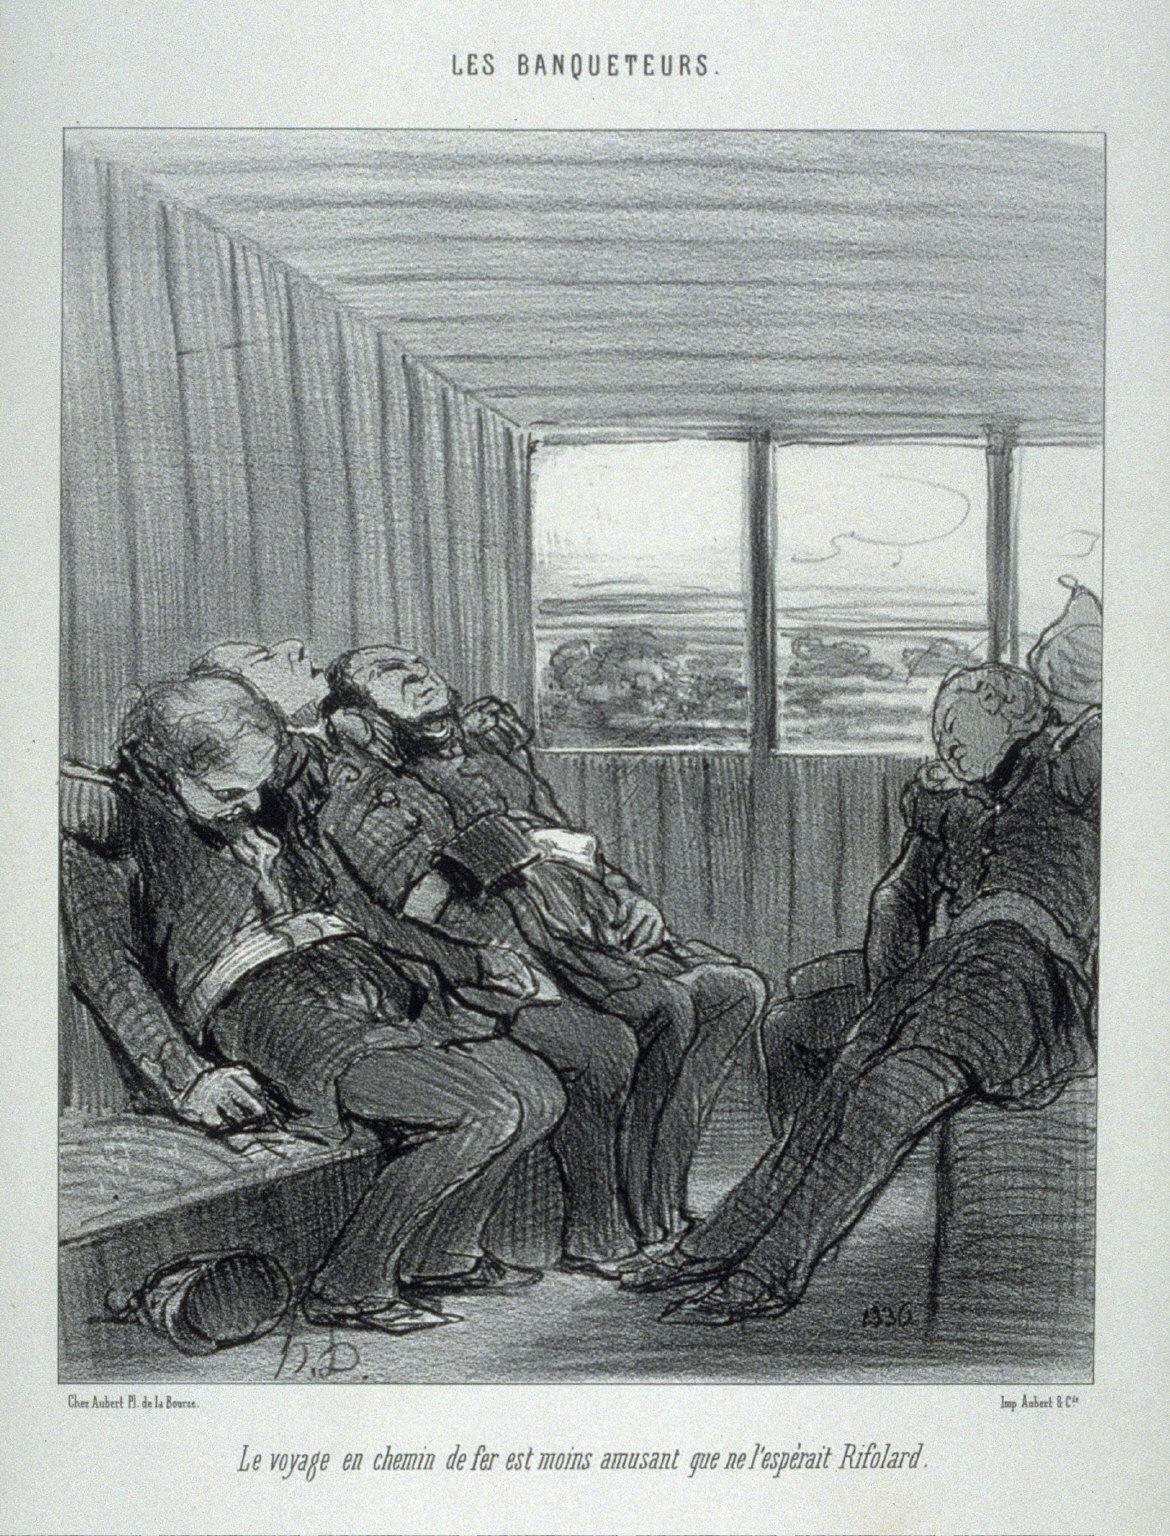 Le voyage en chemin de fer est moins amusant que ne l'espèrait Rifolard. no. 2 from the series Les banqueteurs